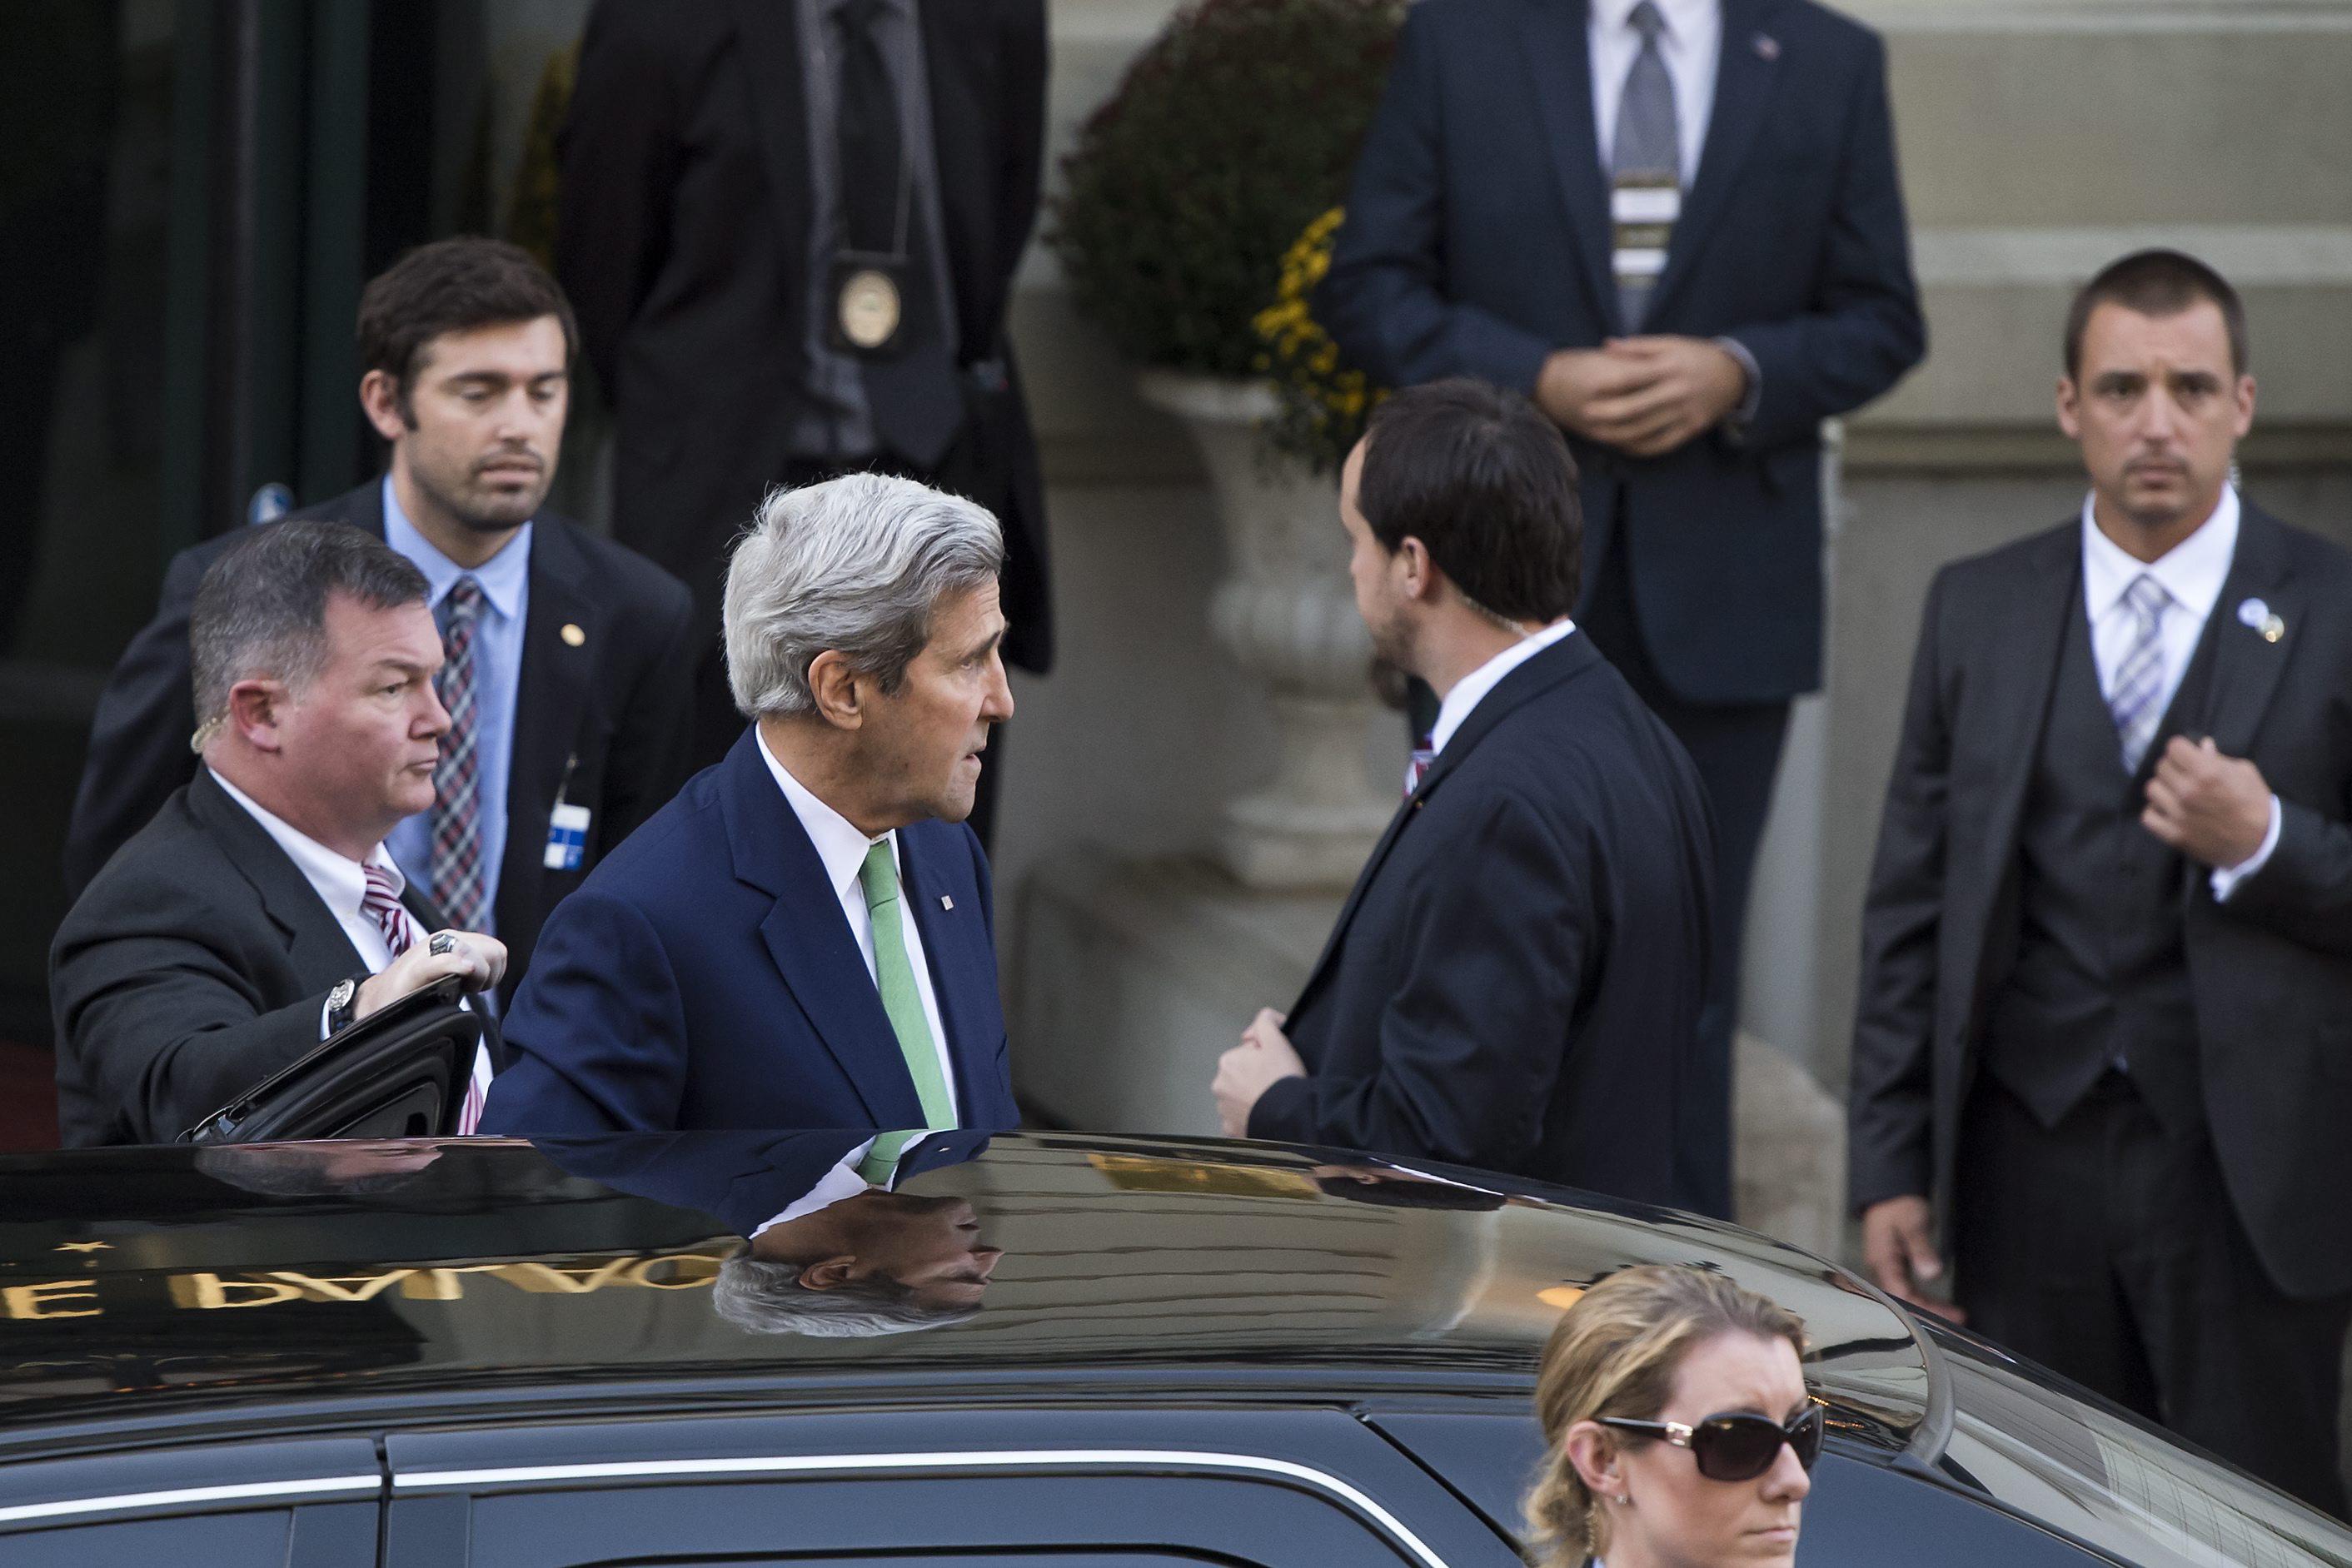 Lozanna. Z udziałem szefów dyplomacji USA i Rosji, Johna Kerry'ego i Siergieja Ławrowa, a także kilku muzułmańskich krajów regionu, rozpoczęło się w sobotę w Lozannie ministerialne spotkanie zorganizowane w celu podjęcia próby zakończenia rozlewu krwi w Syrii. fot. PAP/EPA/JEAN-CHRISTOPHE BOTT